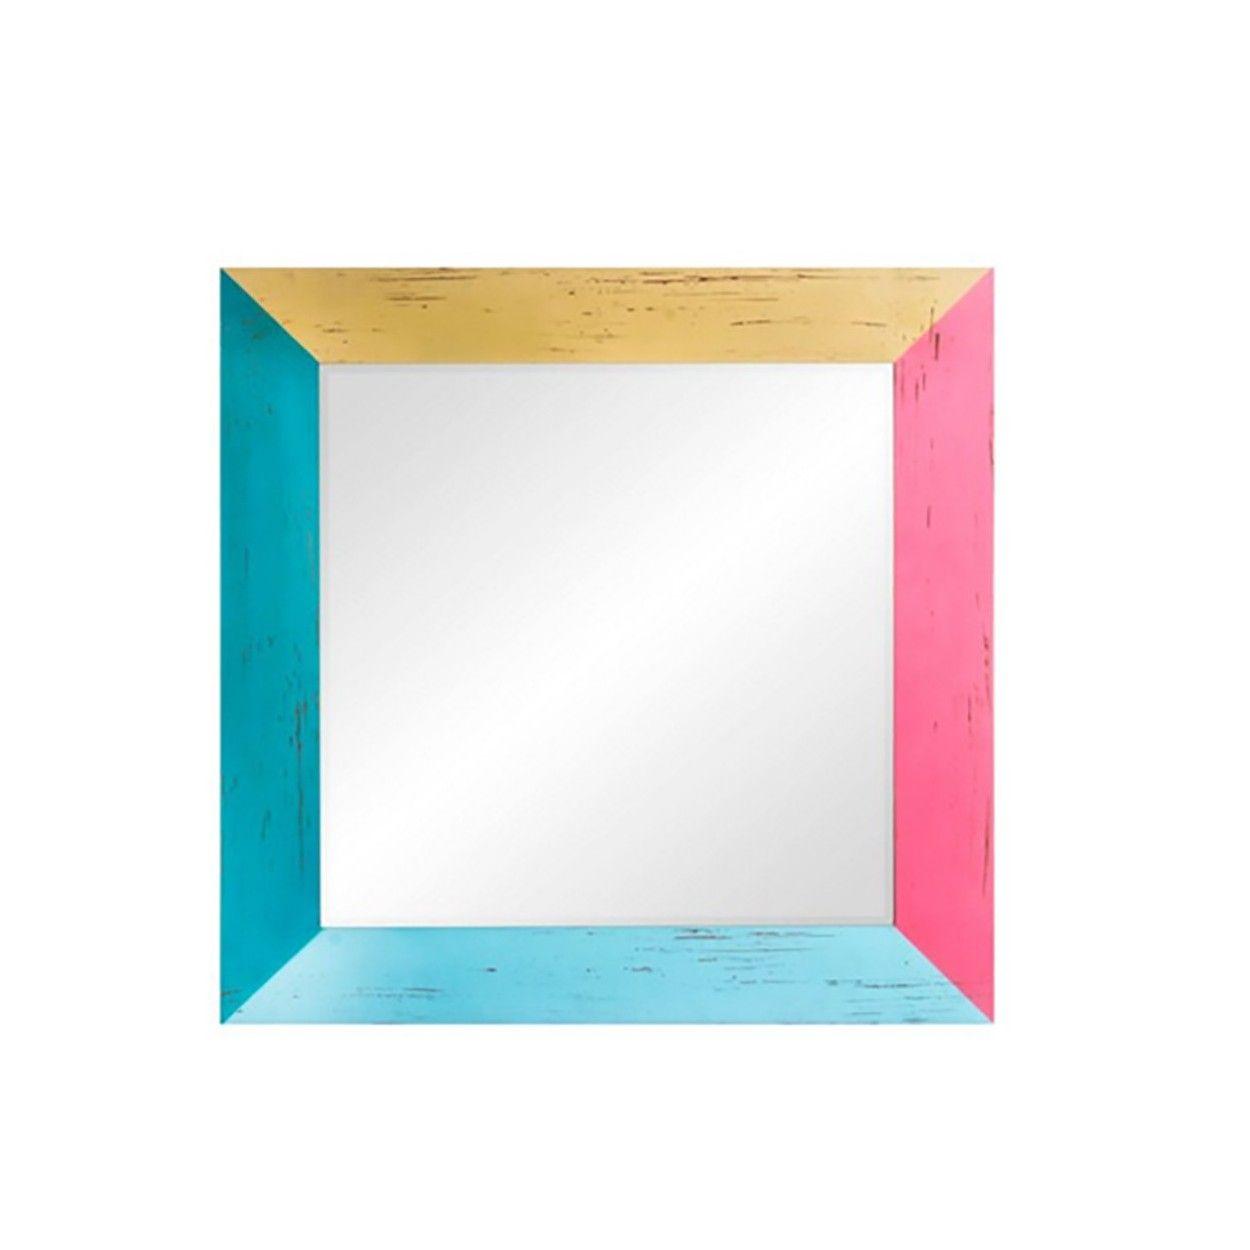 Espejo pared de madera colores 70x70 cm hogar y m s for Espejo pared madera